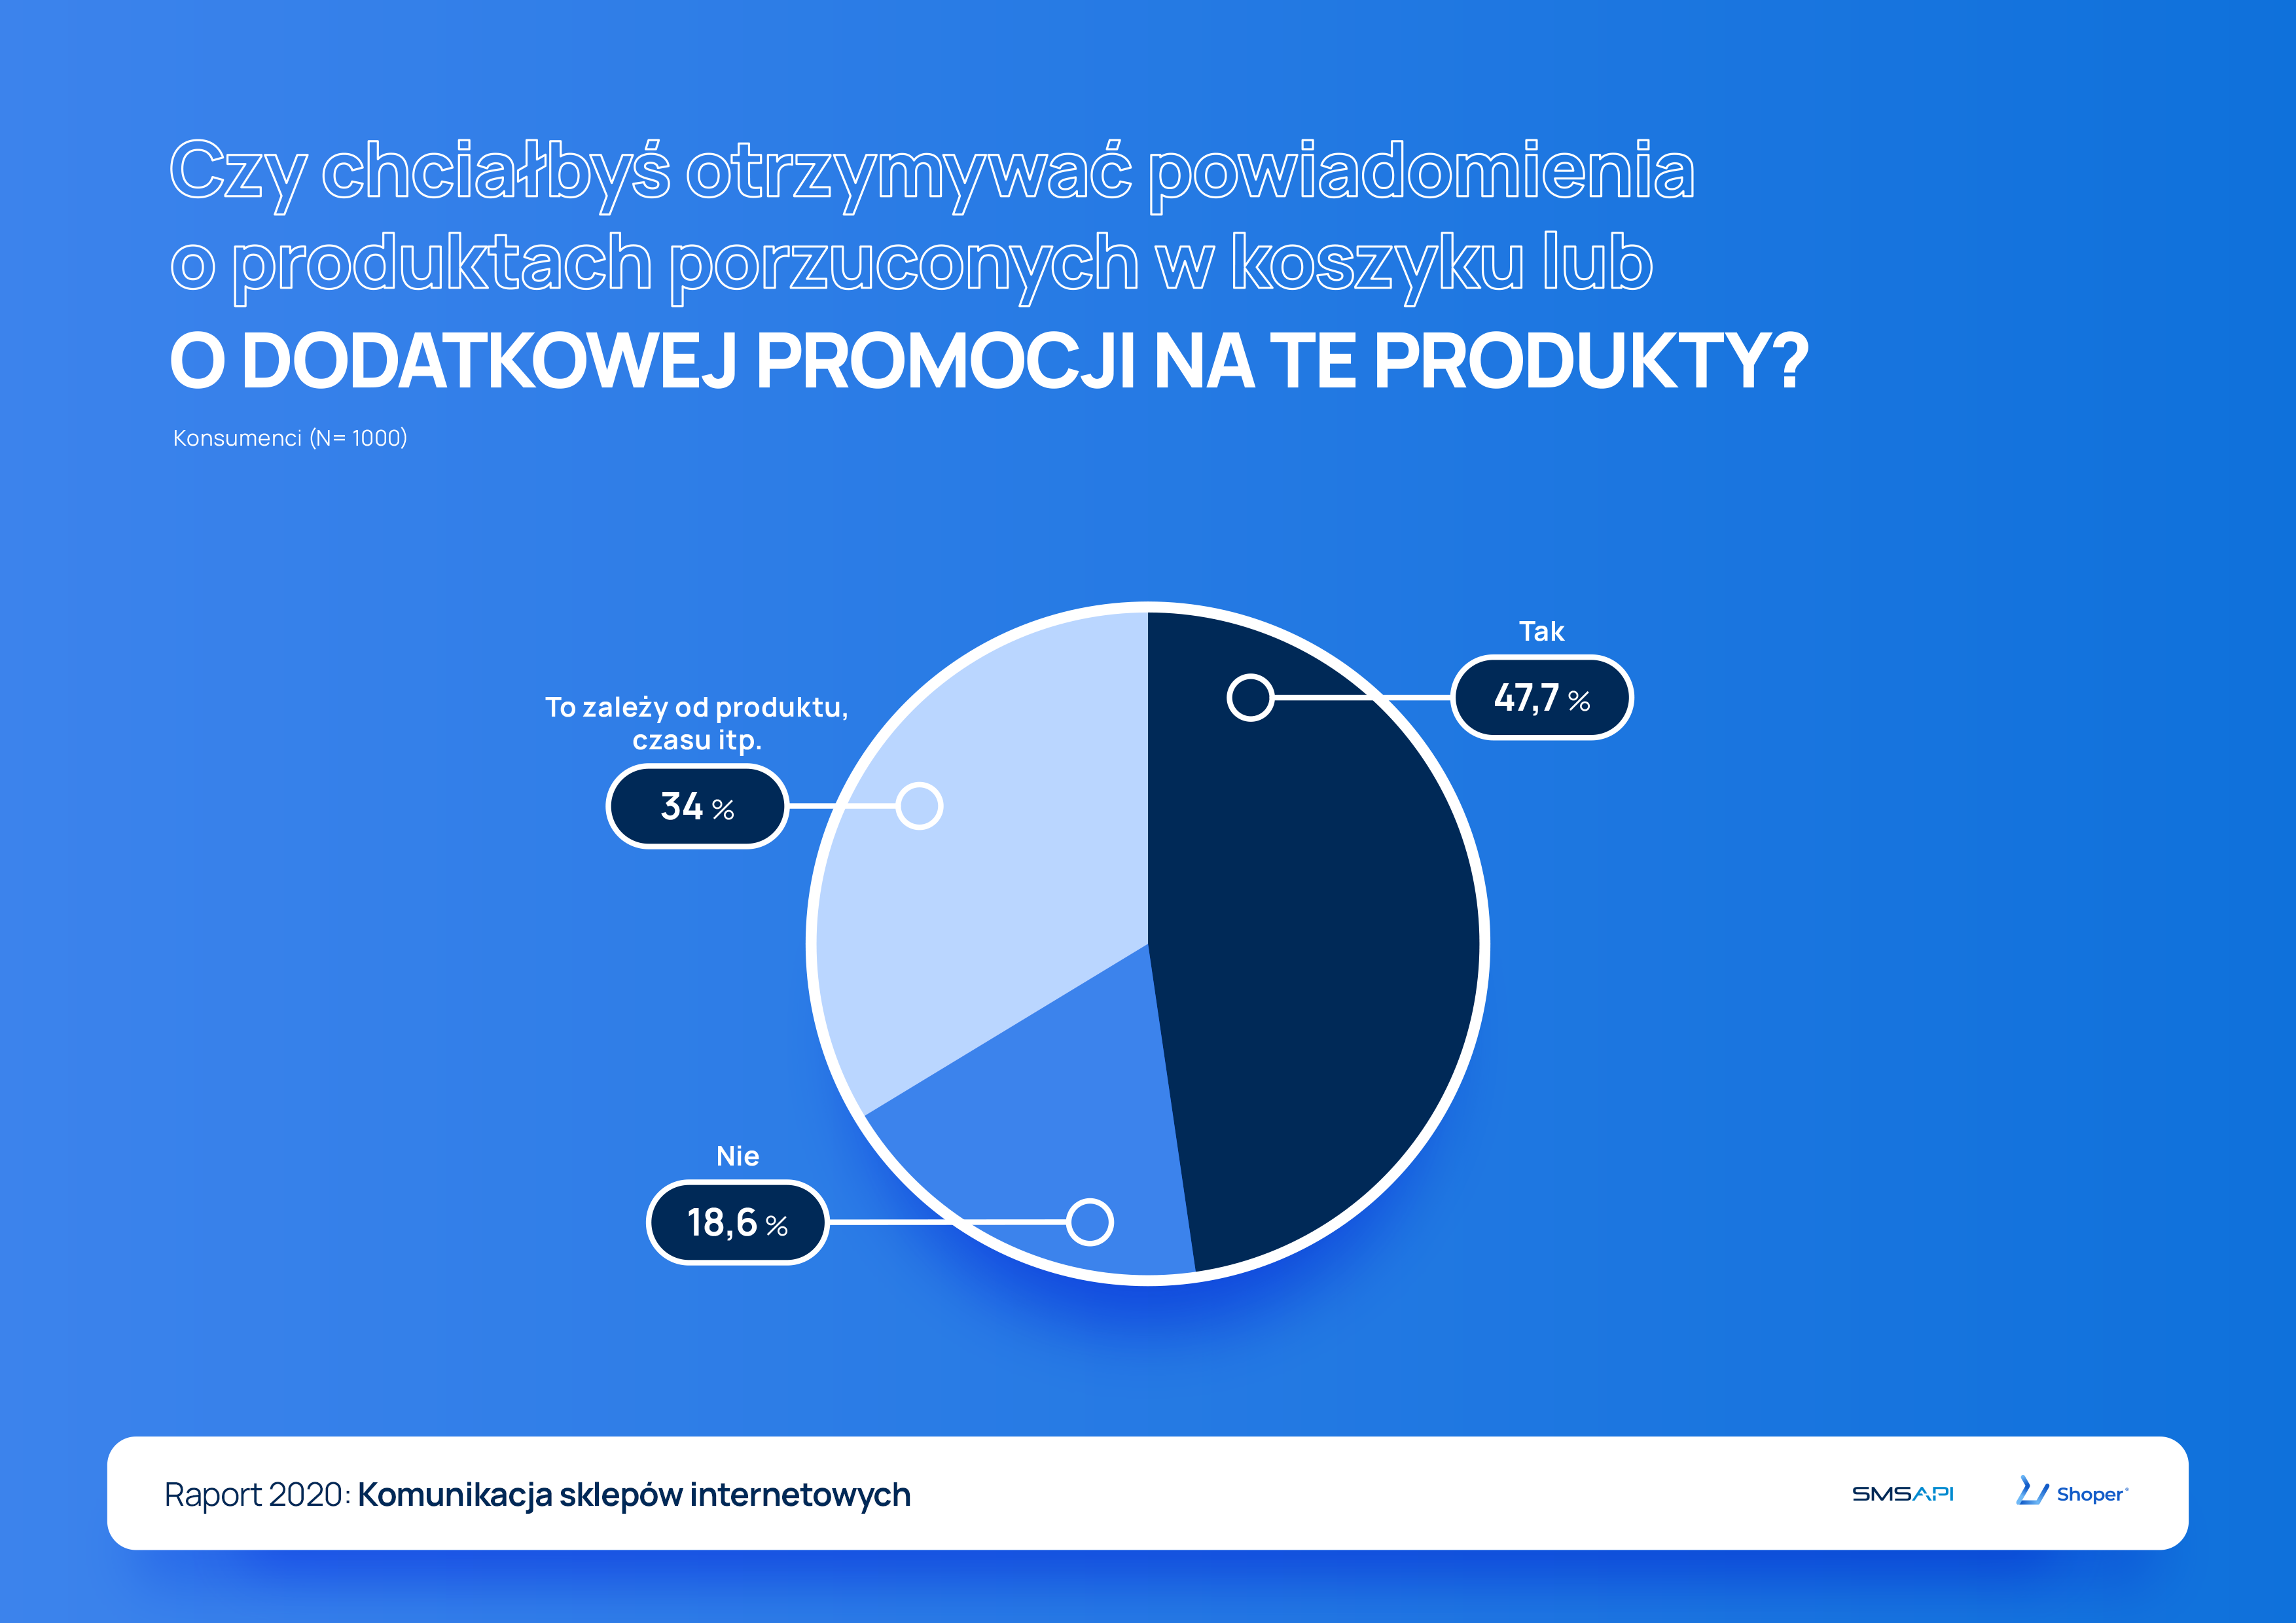 Czy chciałbyś otrzymywać powiadomienia lub promocje na produkty pozostawione w koszyku? Raport 2020